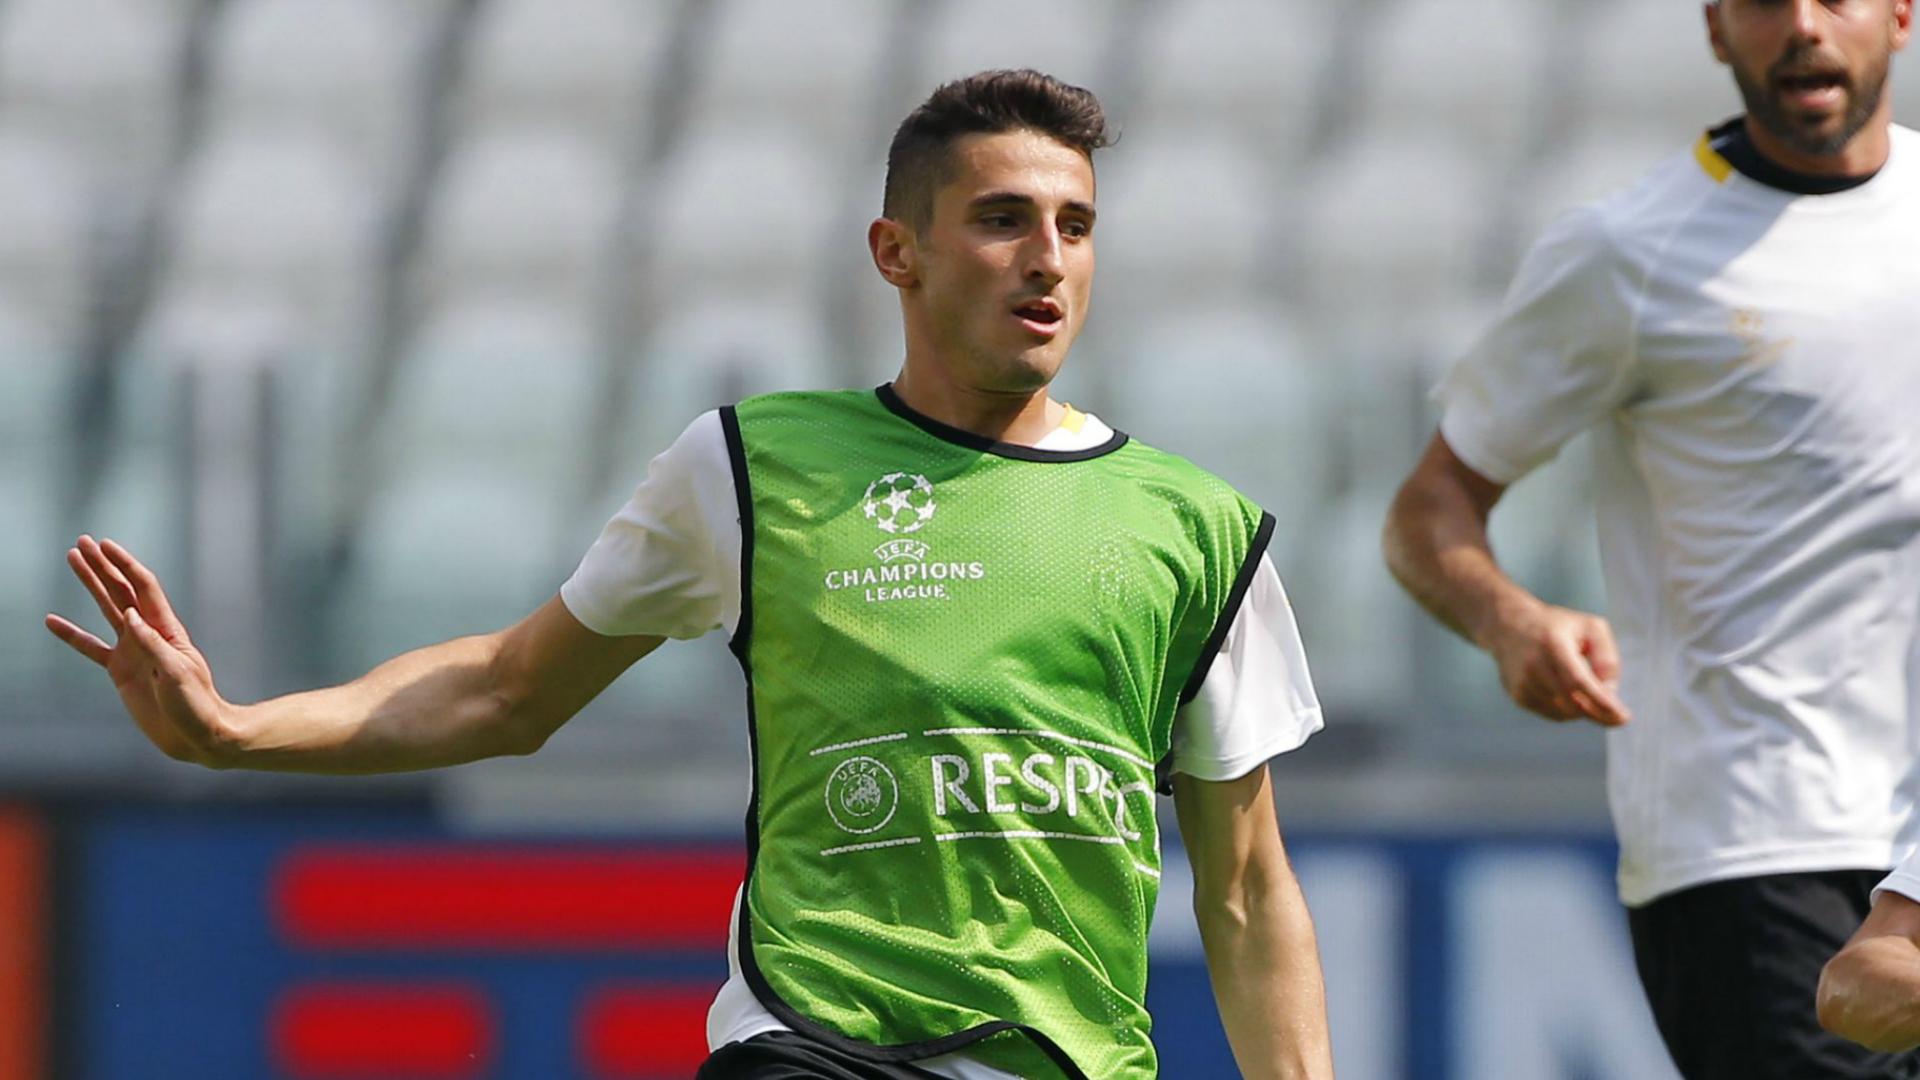 Calciomercato SPAL, nuovo colpo in difesa: ufficiale l'acquisto di Felipe